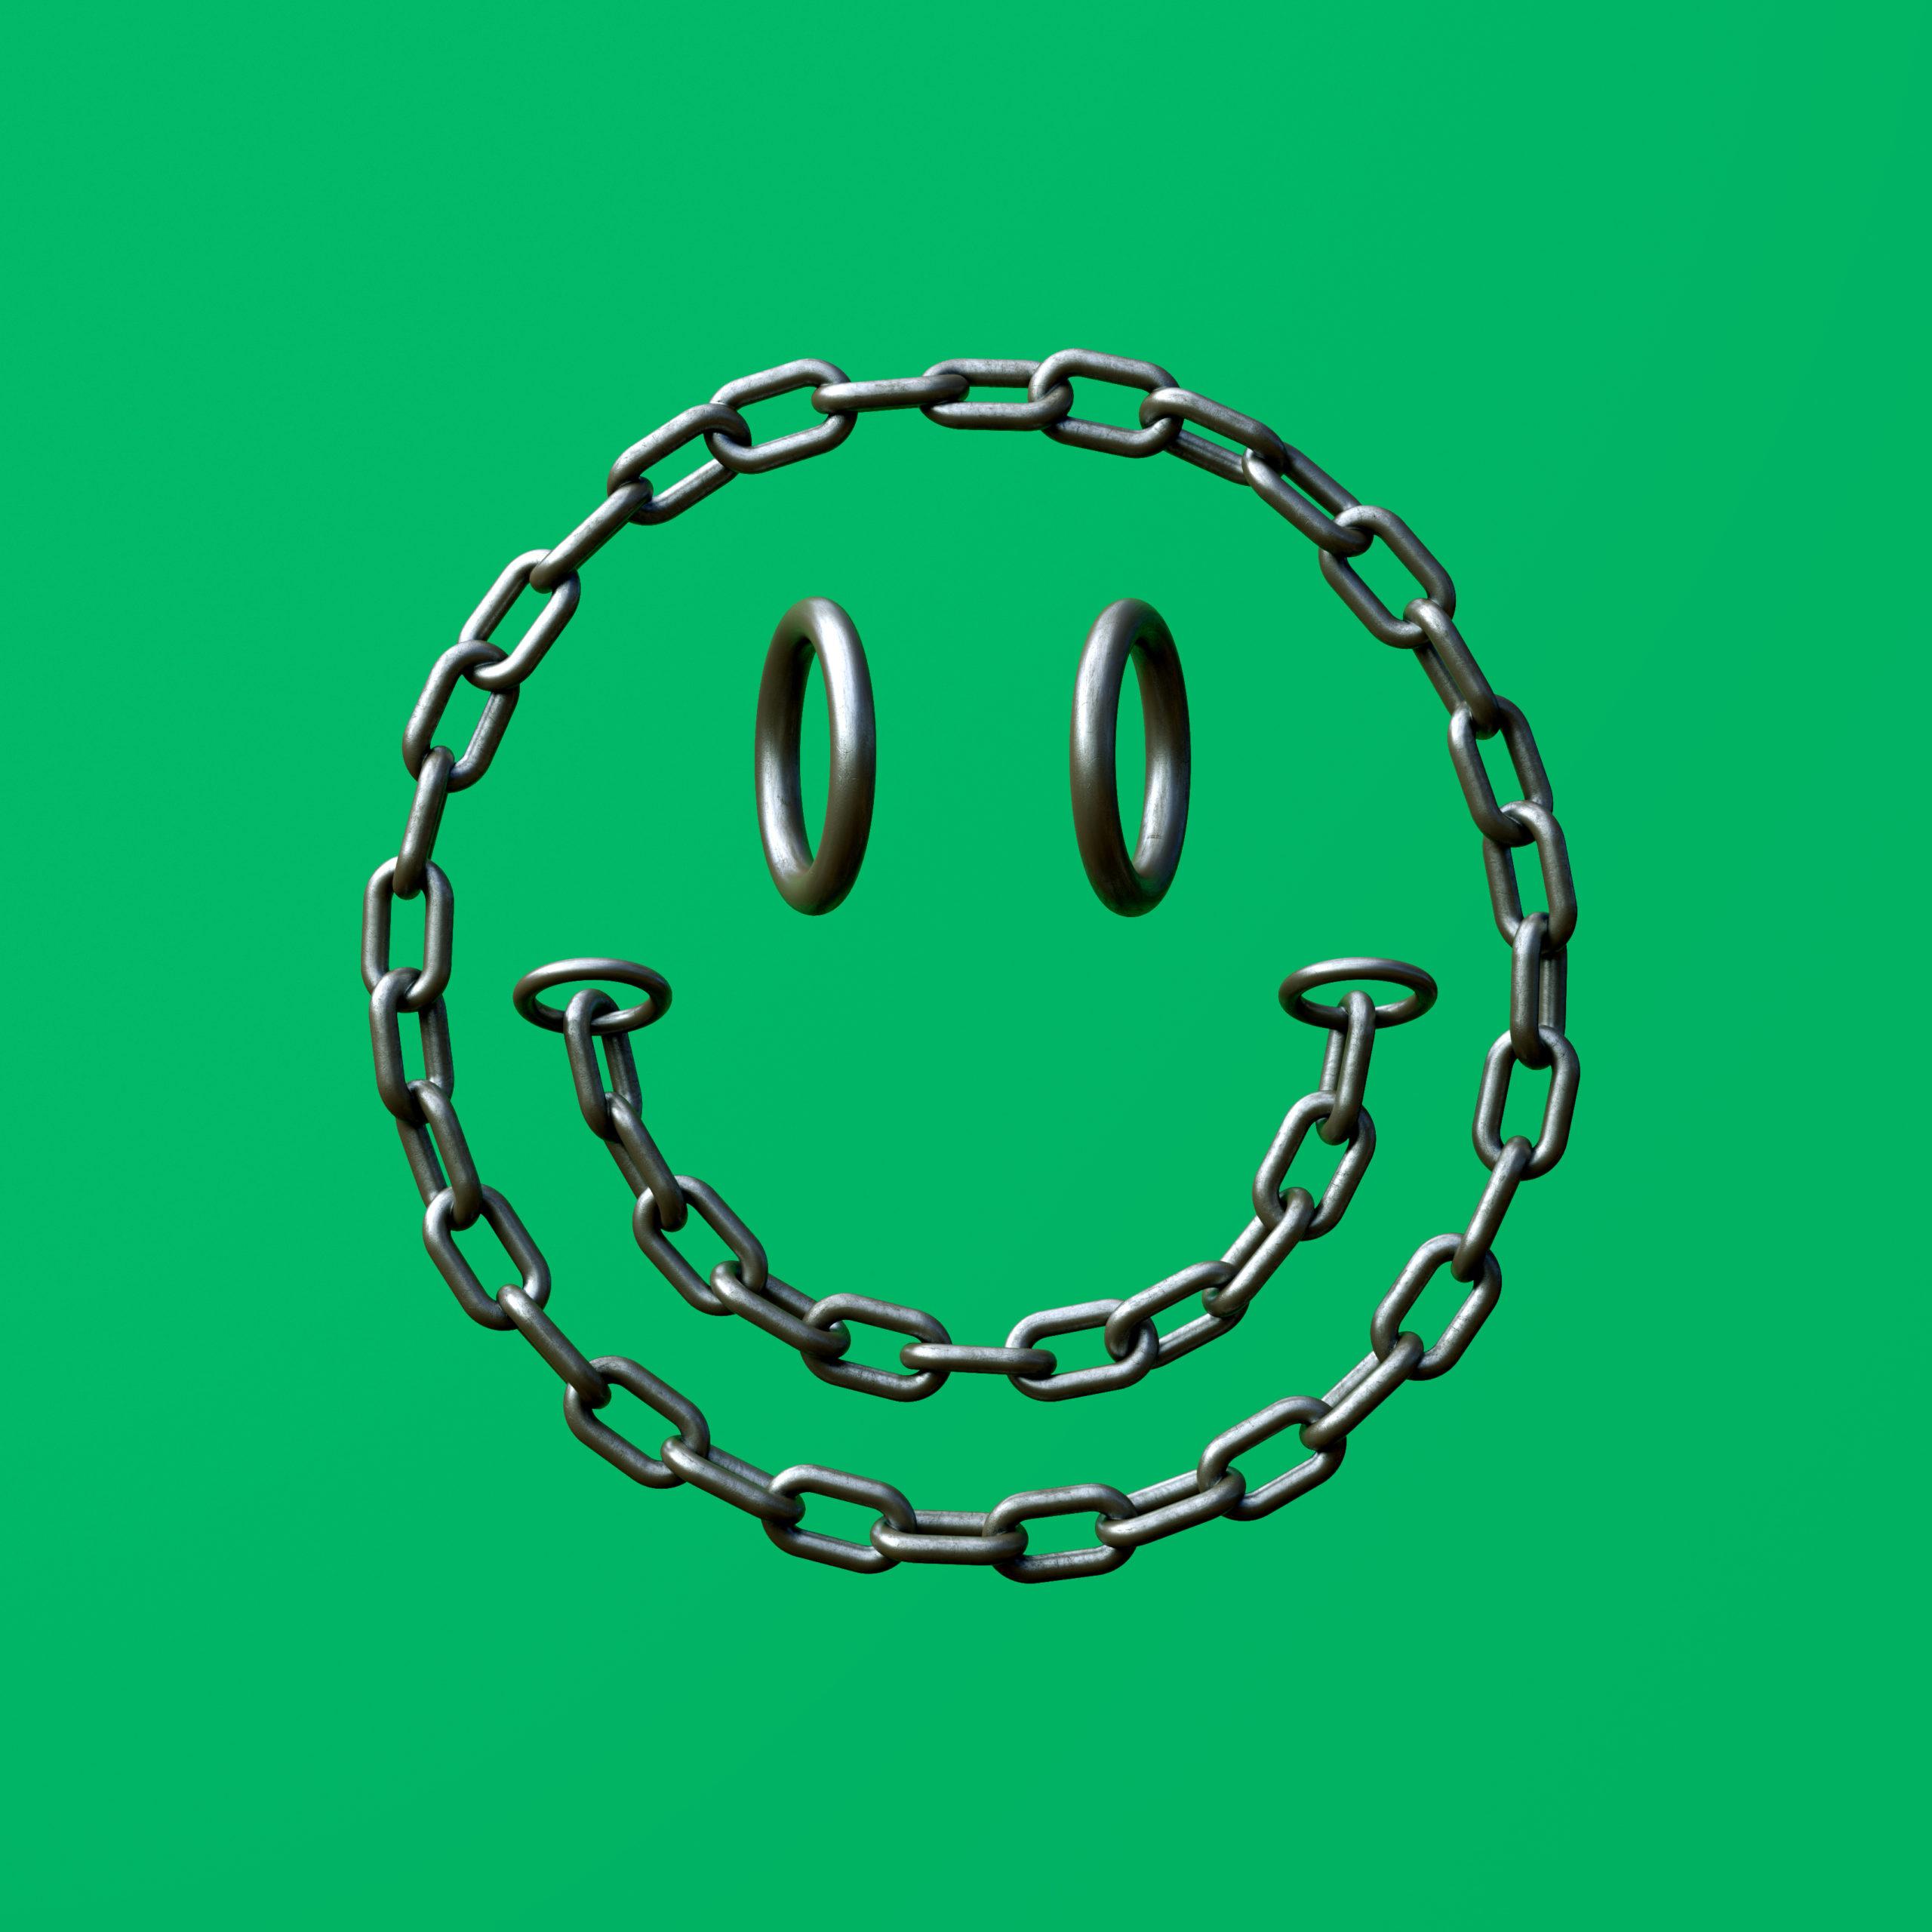 Social_Chains_01